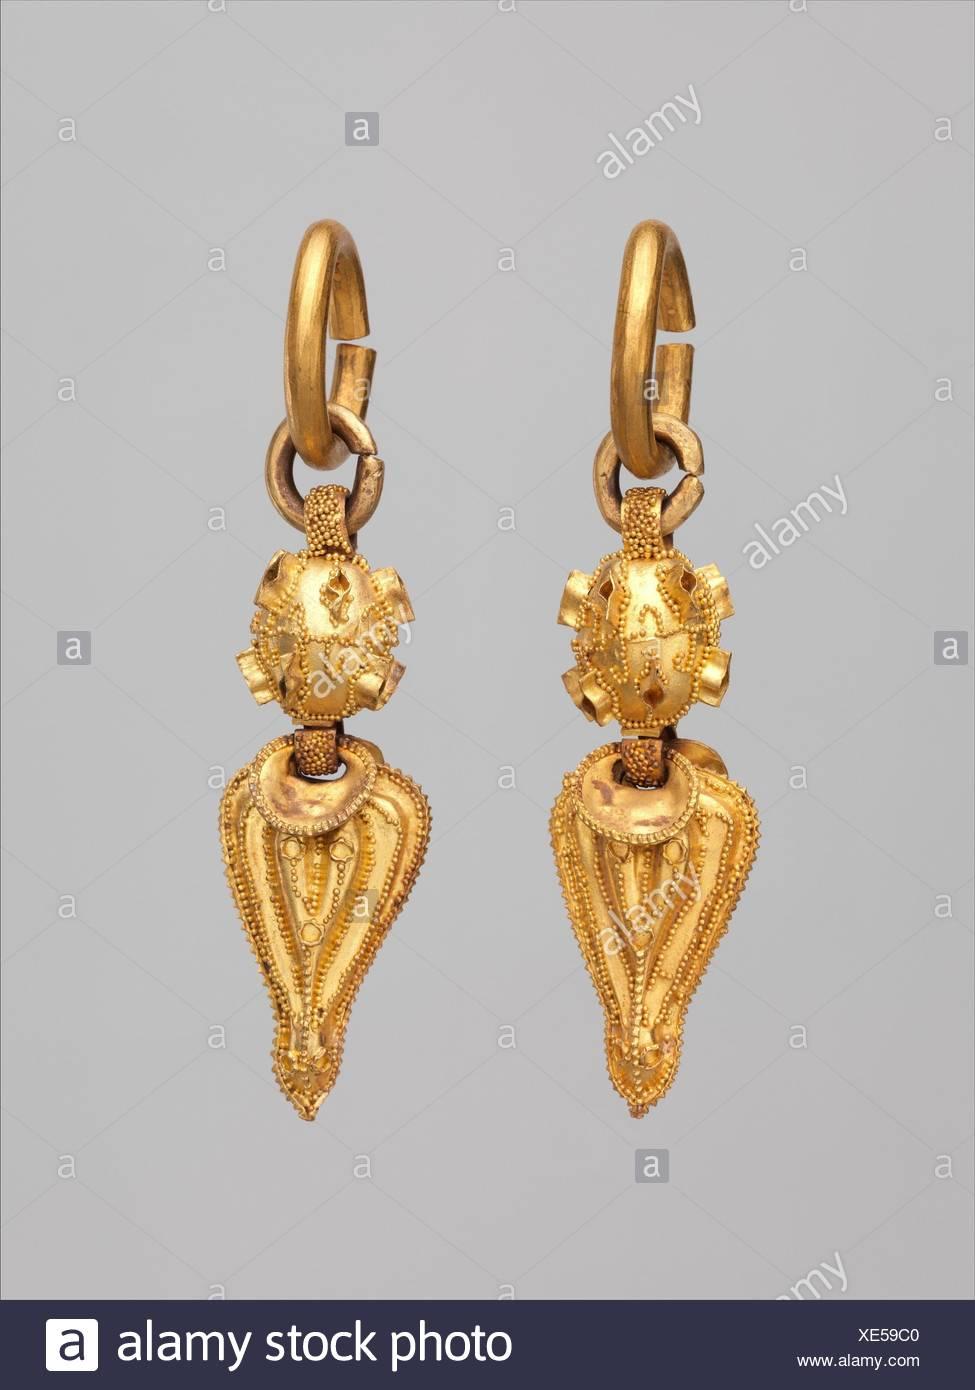 금제 귀걸이 삼국/é‡'製耳飾 三國/Earring (One of a Pair). Period: Three Kingdoms period, Silla kingdom (57 B.C.-A.D. 676); Date: 6th - Stock Image